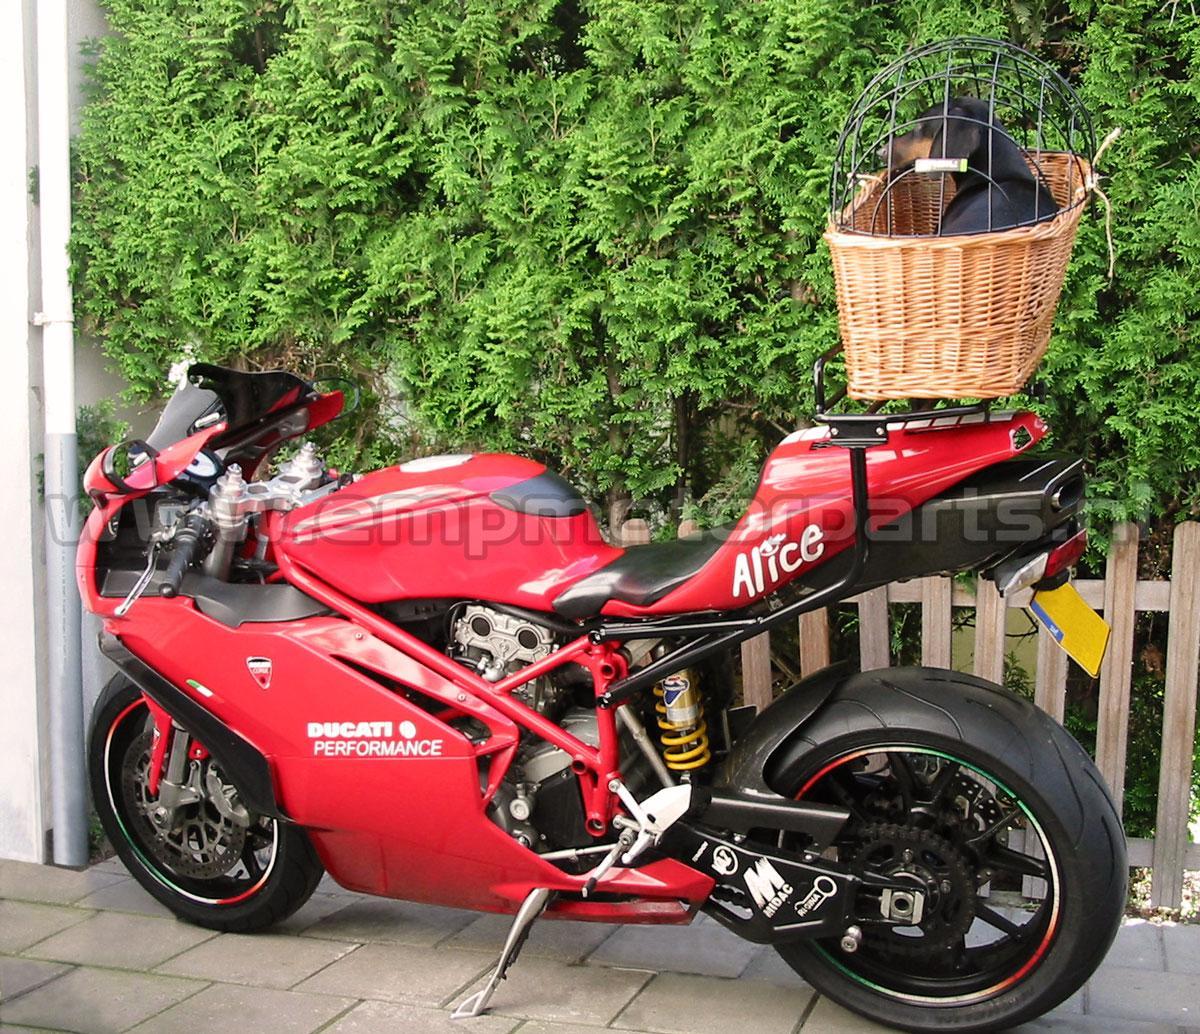 Luggage carrier Ducati Ducati (5)